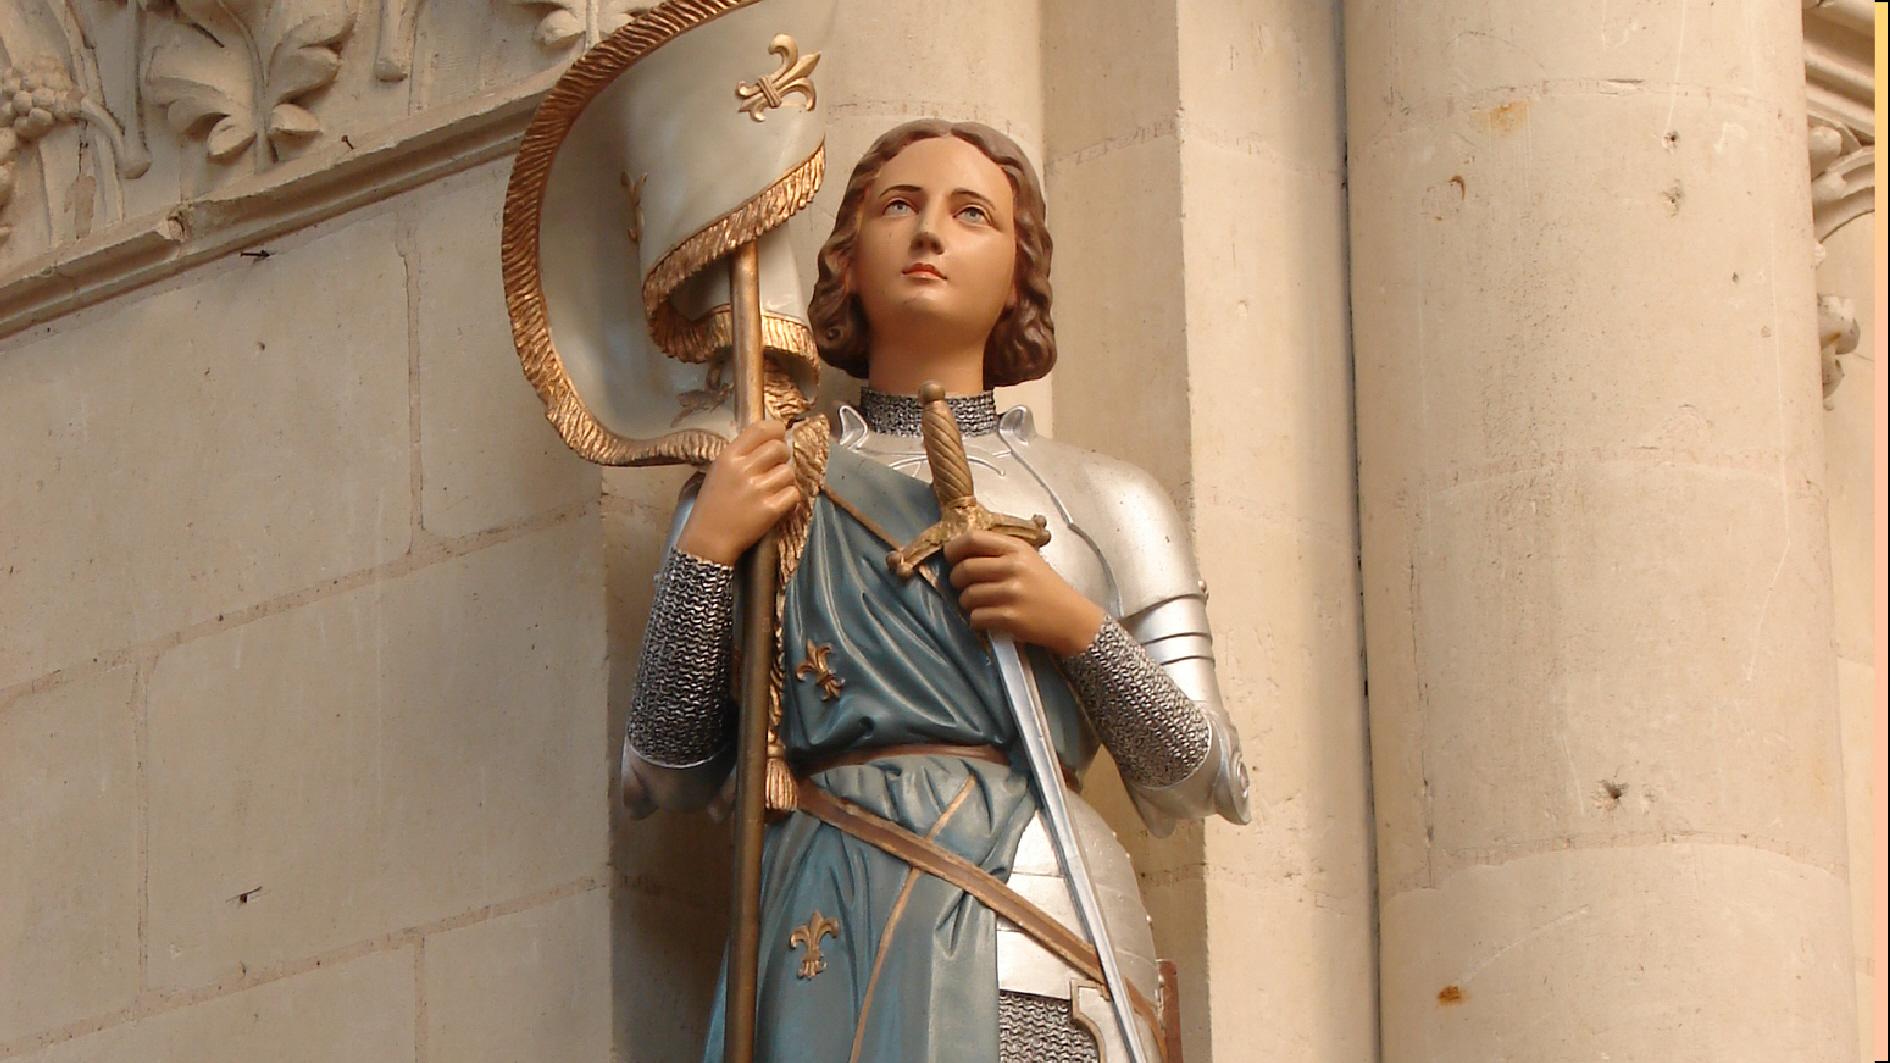 CALENDRIER CATHOLIQUE 2020 (Cantiques, Prières & Images) - Page 13 Ste-jeanne-d-arc-3--5758f78